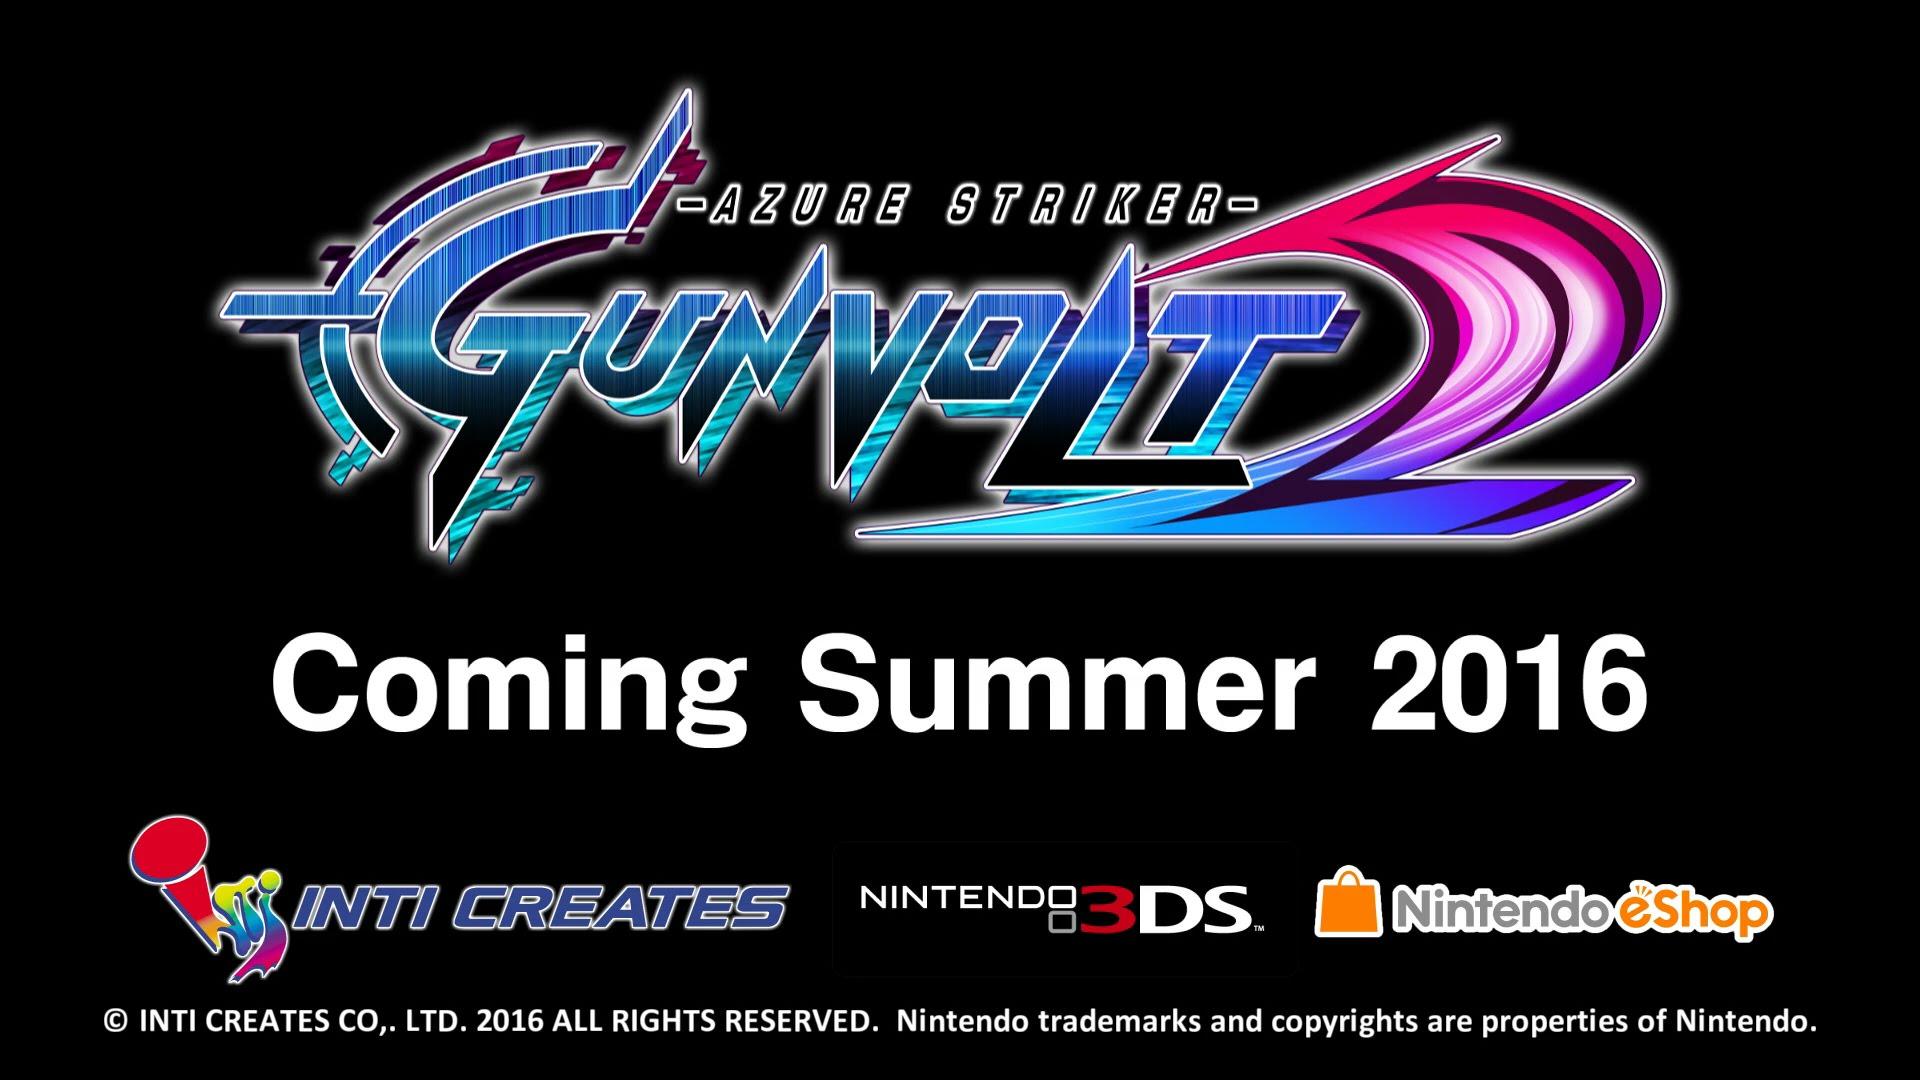 Trailer for Azure Striker Gunvolt 2 released